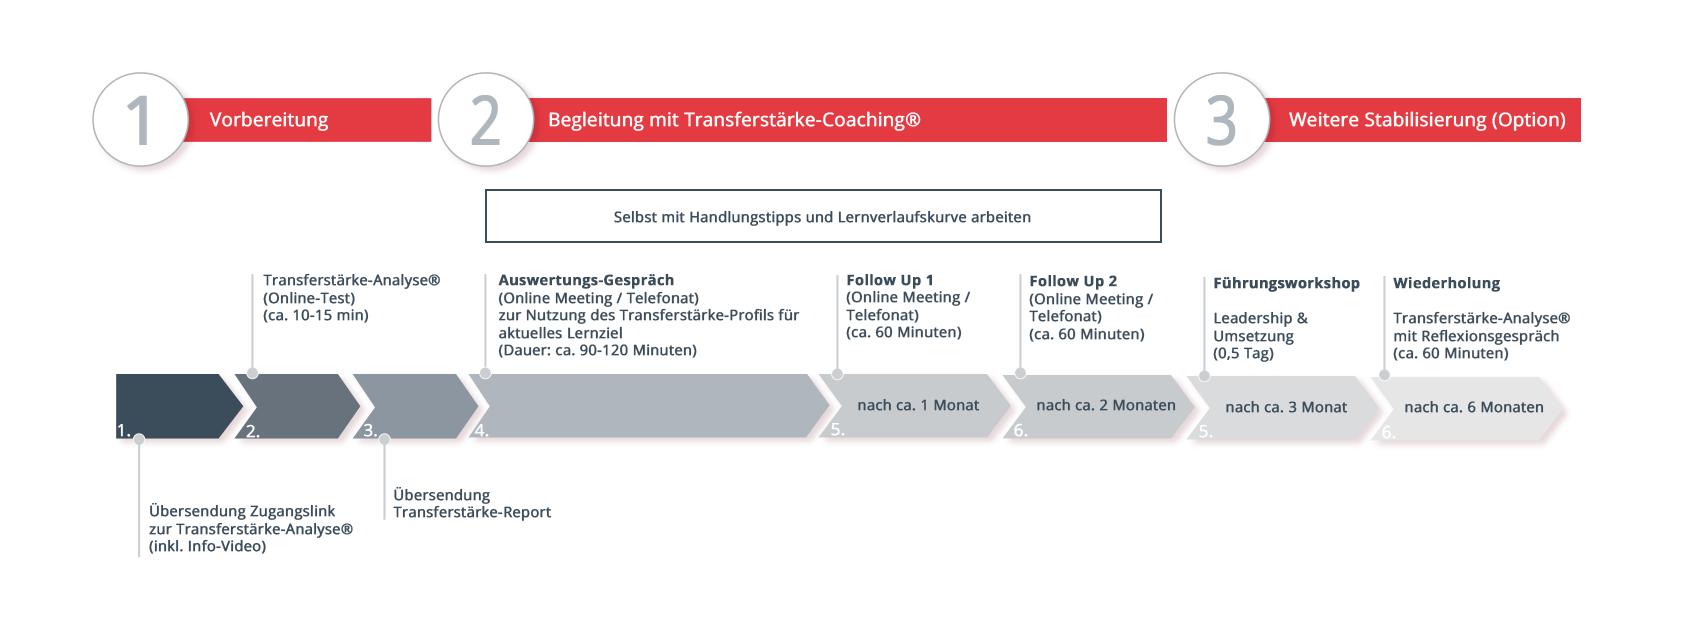 Schaubild_Transferstaerke-Coaching_Change-Unterstuetzung